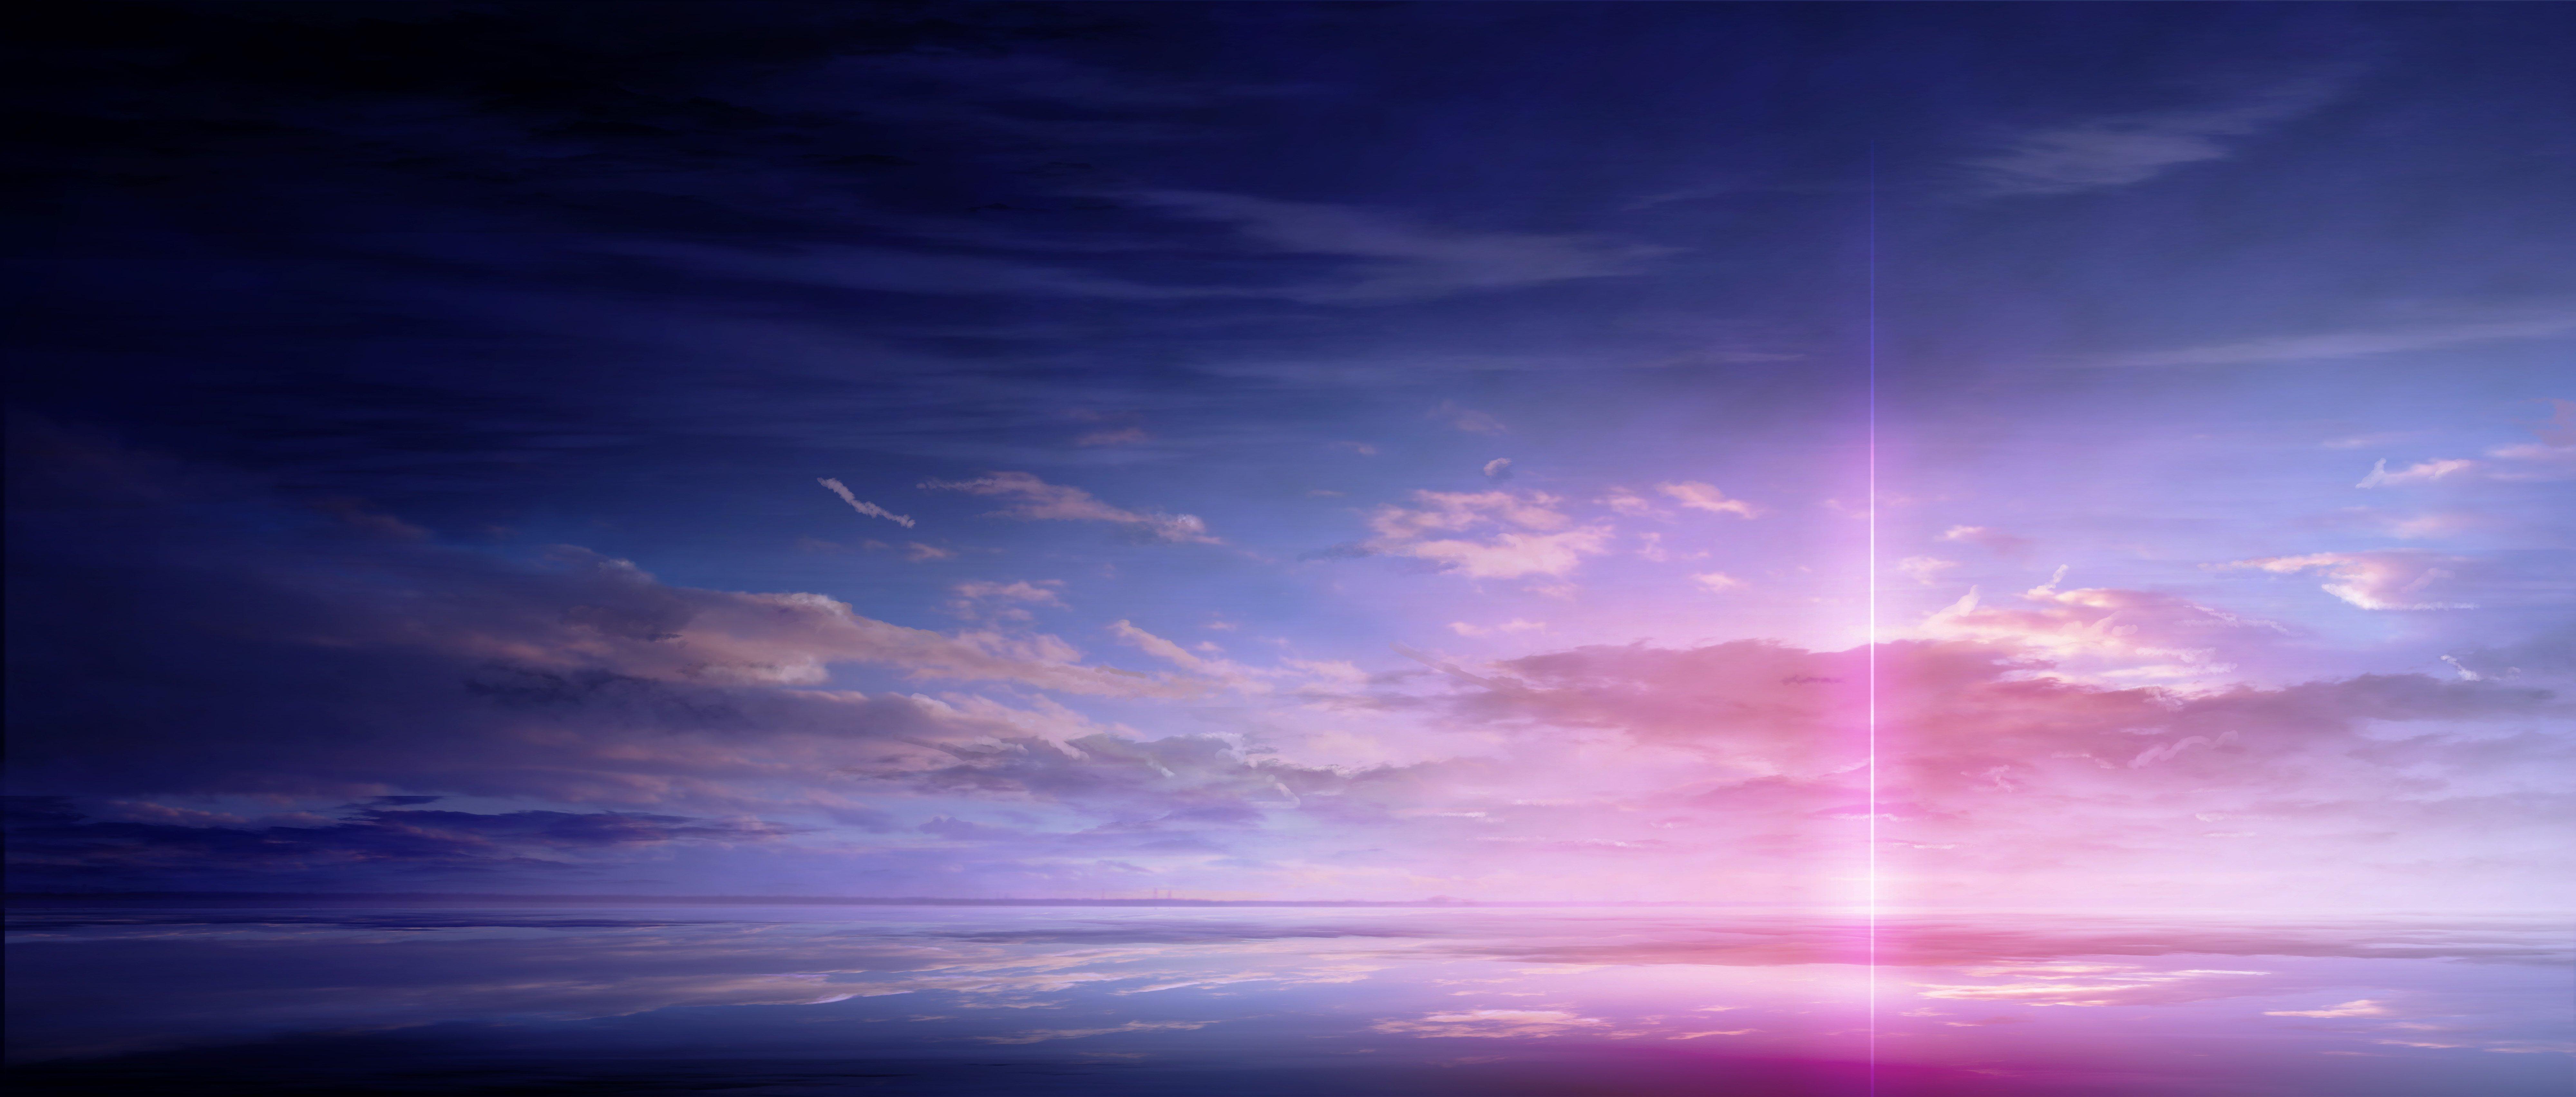 anime scan landscape sky cloud beautiful light color